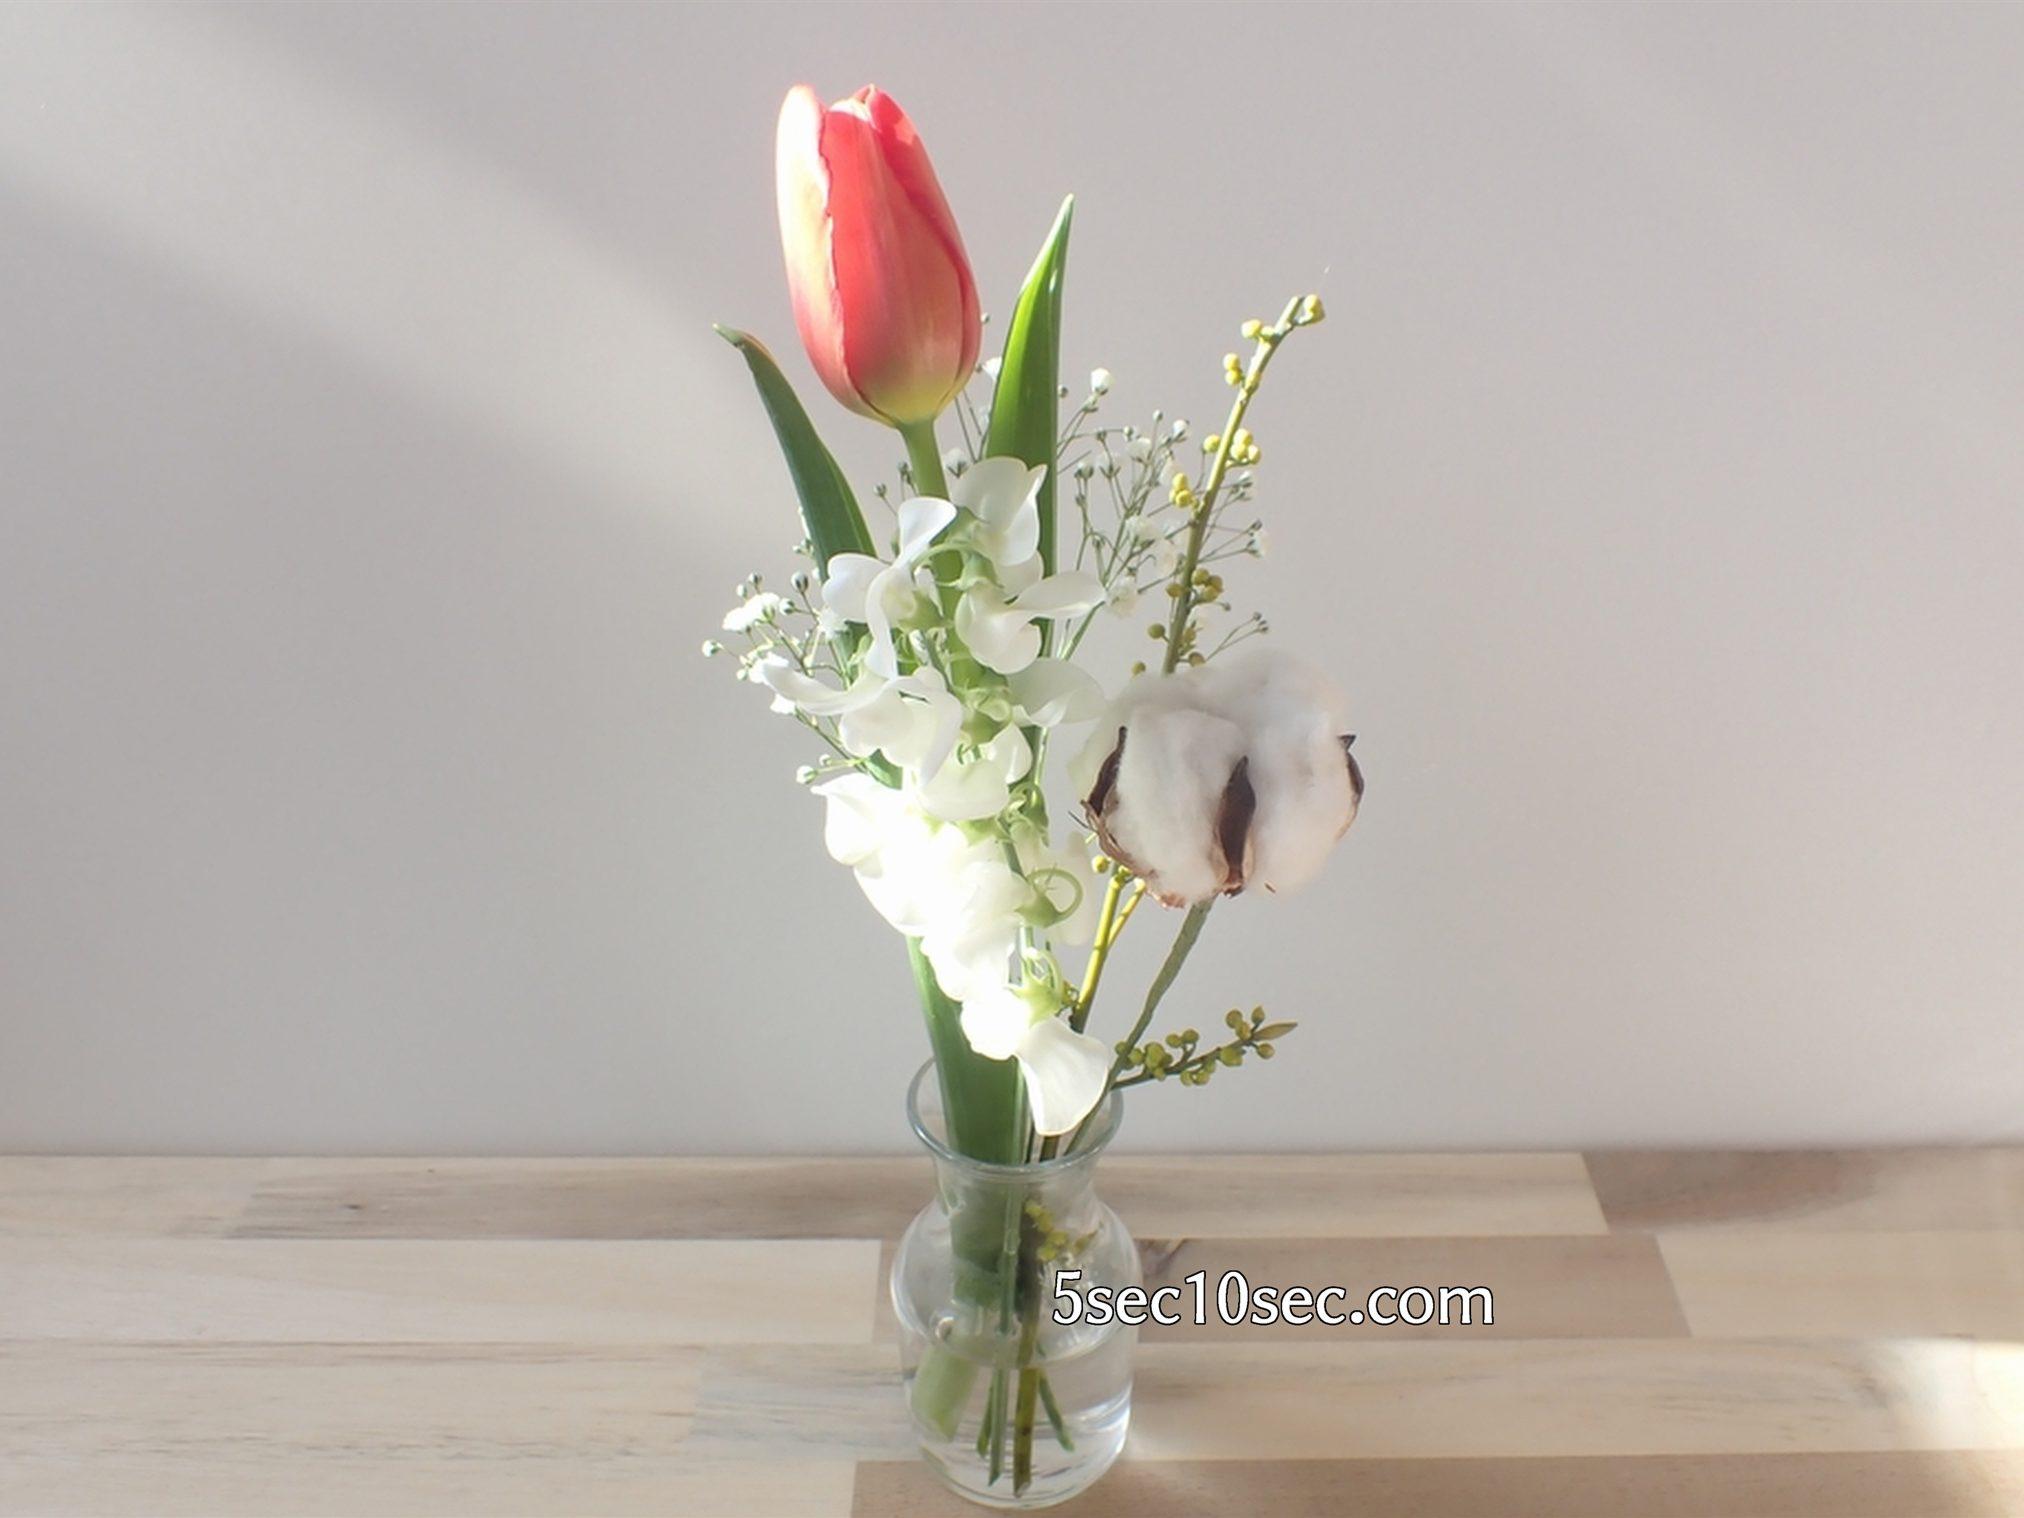 株式会社Crunch Style お花の定期便 Bloomee LIFE ブルーミーライフ 届いてから3日目のお花の状態、初日よりも元気です